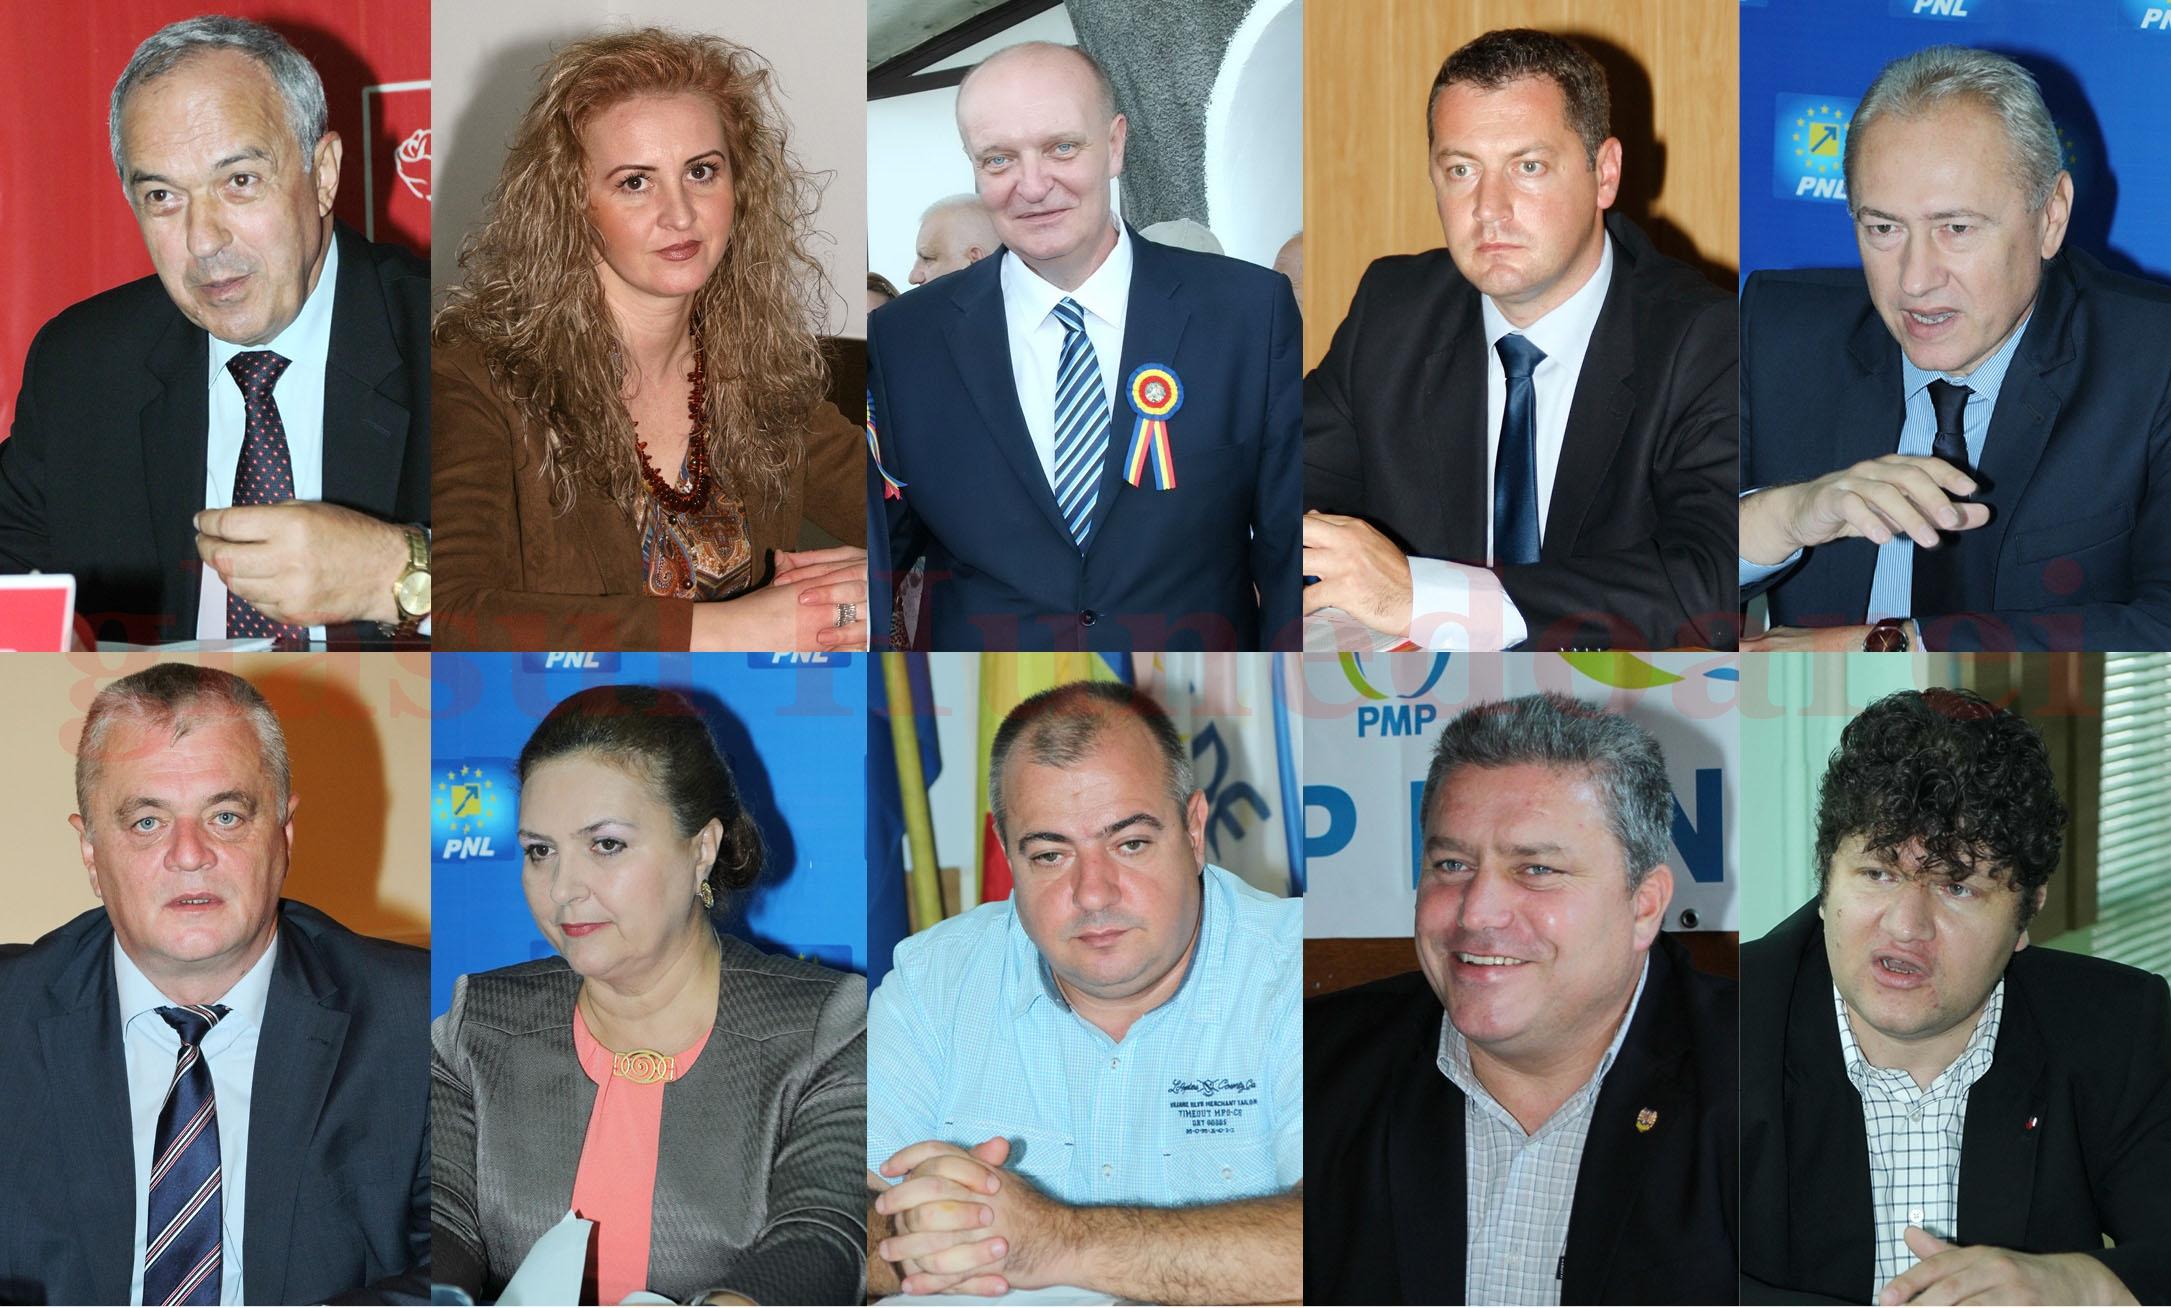 De la stânga la dreapta / Rândul de sus: Laurențiu Nistor – PSD, Natalia Intotero – PSD, Ilie Toma – PSD, Cristian Resmeriță – PSD, Lucian Heiuș – PNL De la stânga la dreapta / Rândul de jos: Dorin Gligor – PNL, Carmen Hărău – PNL, Marius Surgent – ALDE, Haralambie Vochițoiu – PMP, Lorincz Szell - UDMR